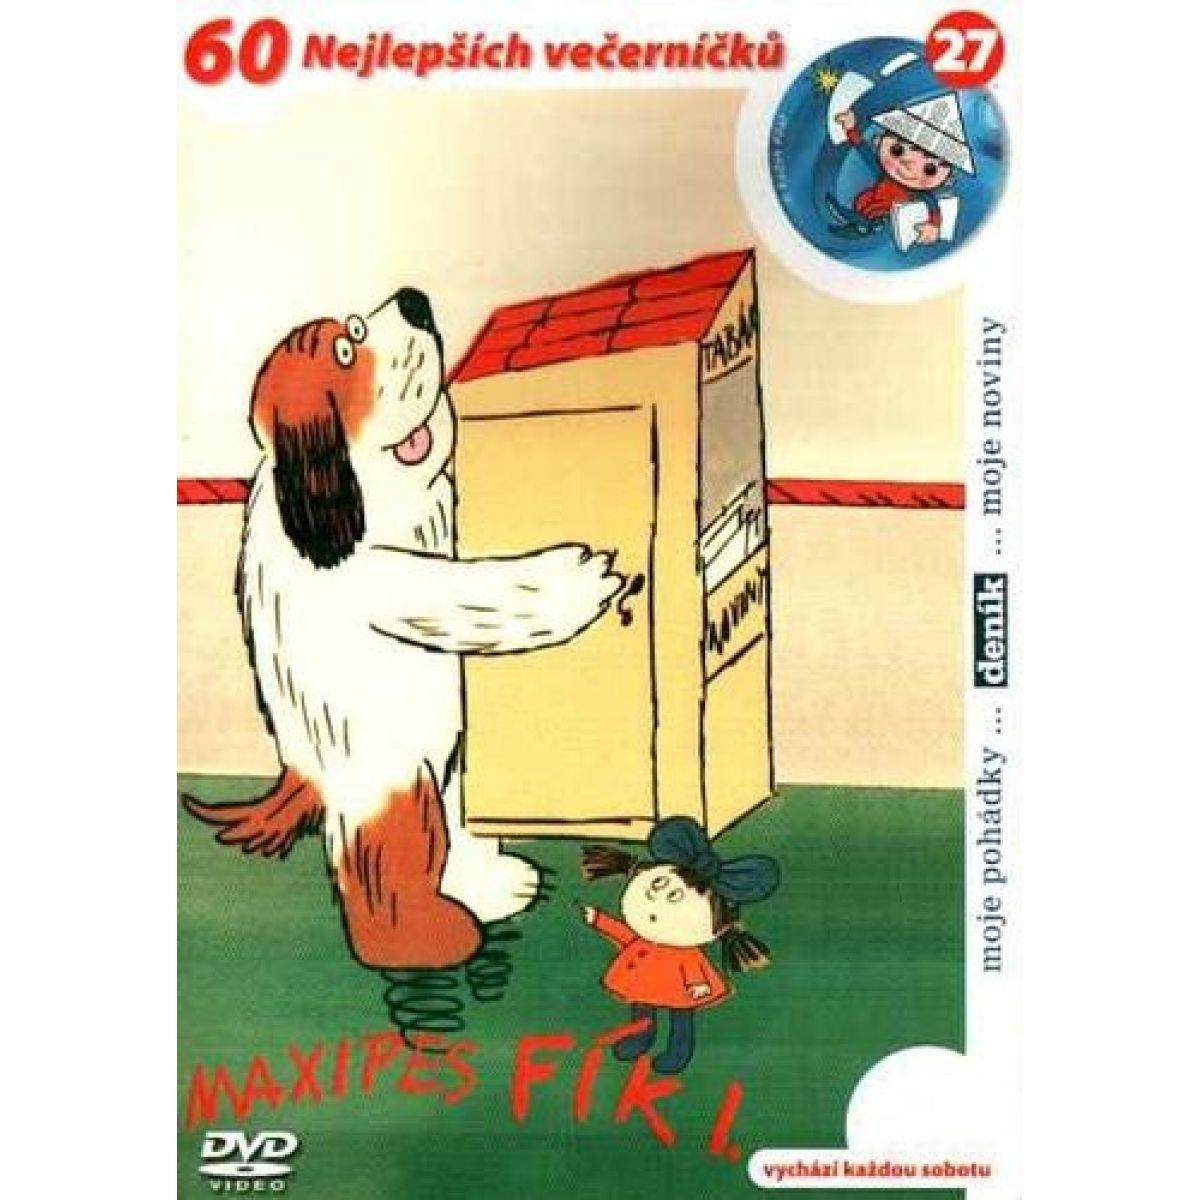 DVD Maxipes Fík 1